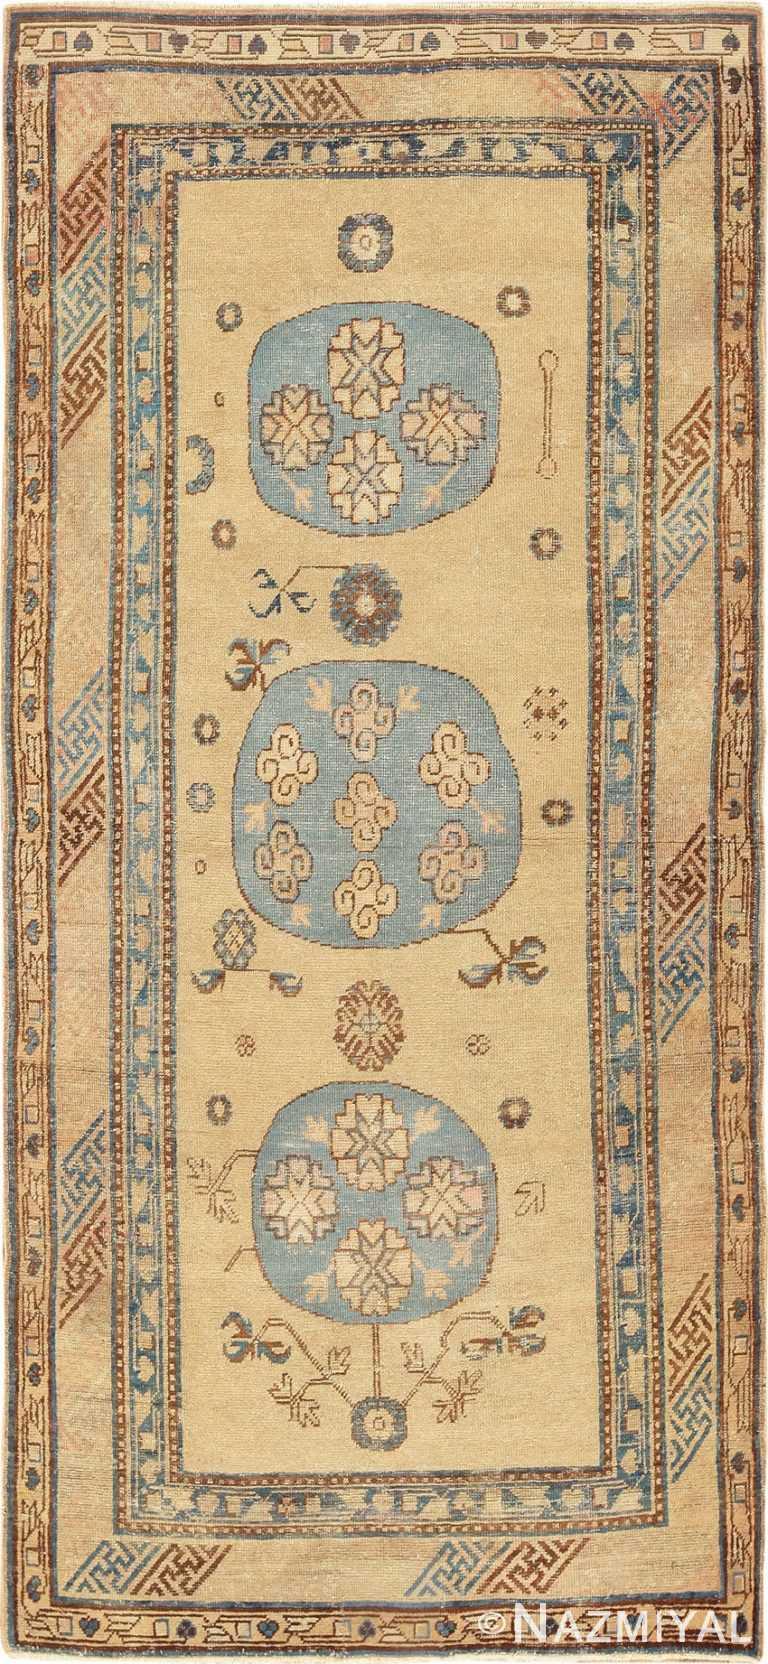 Small Antique Tan and Baby Blue Khotan Rug - Nazmiyal